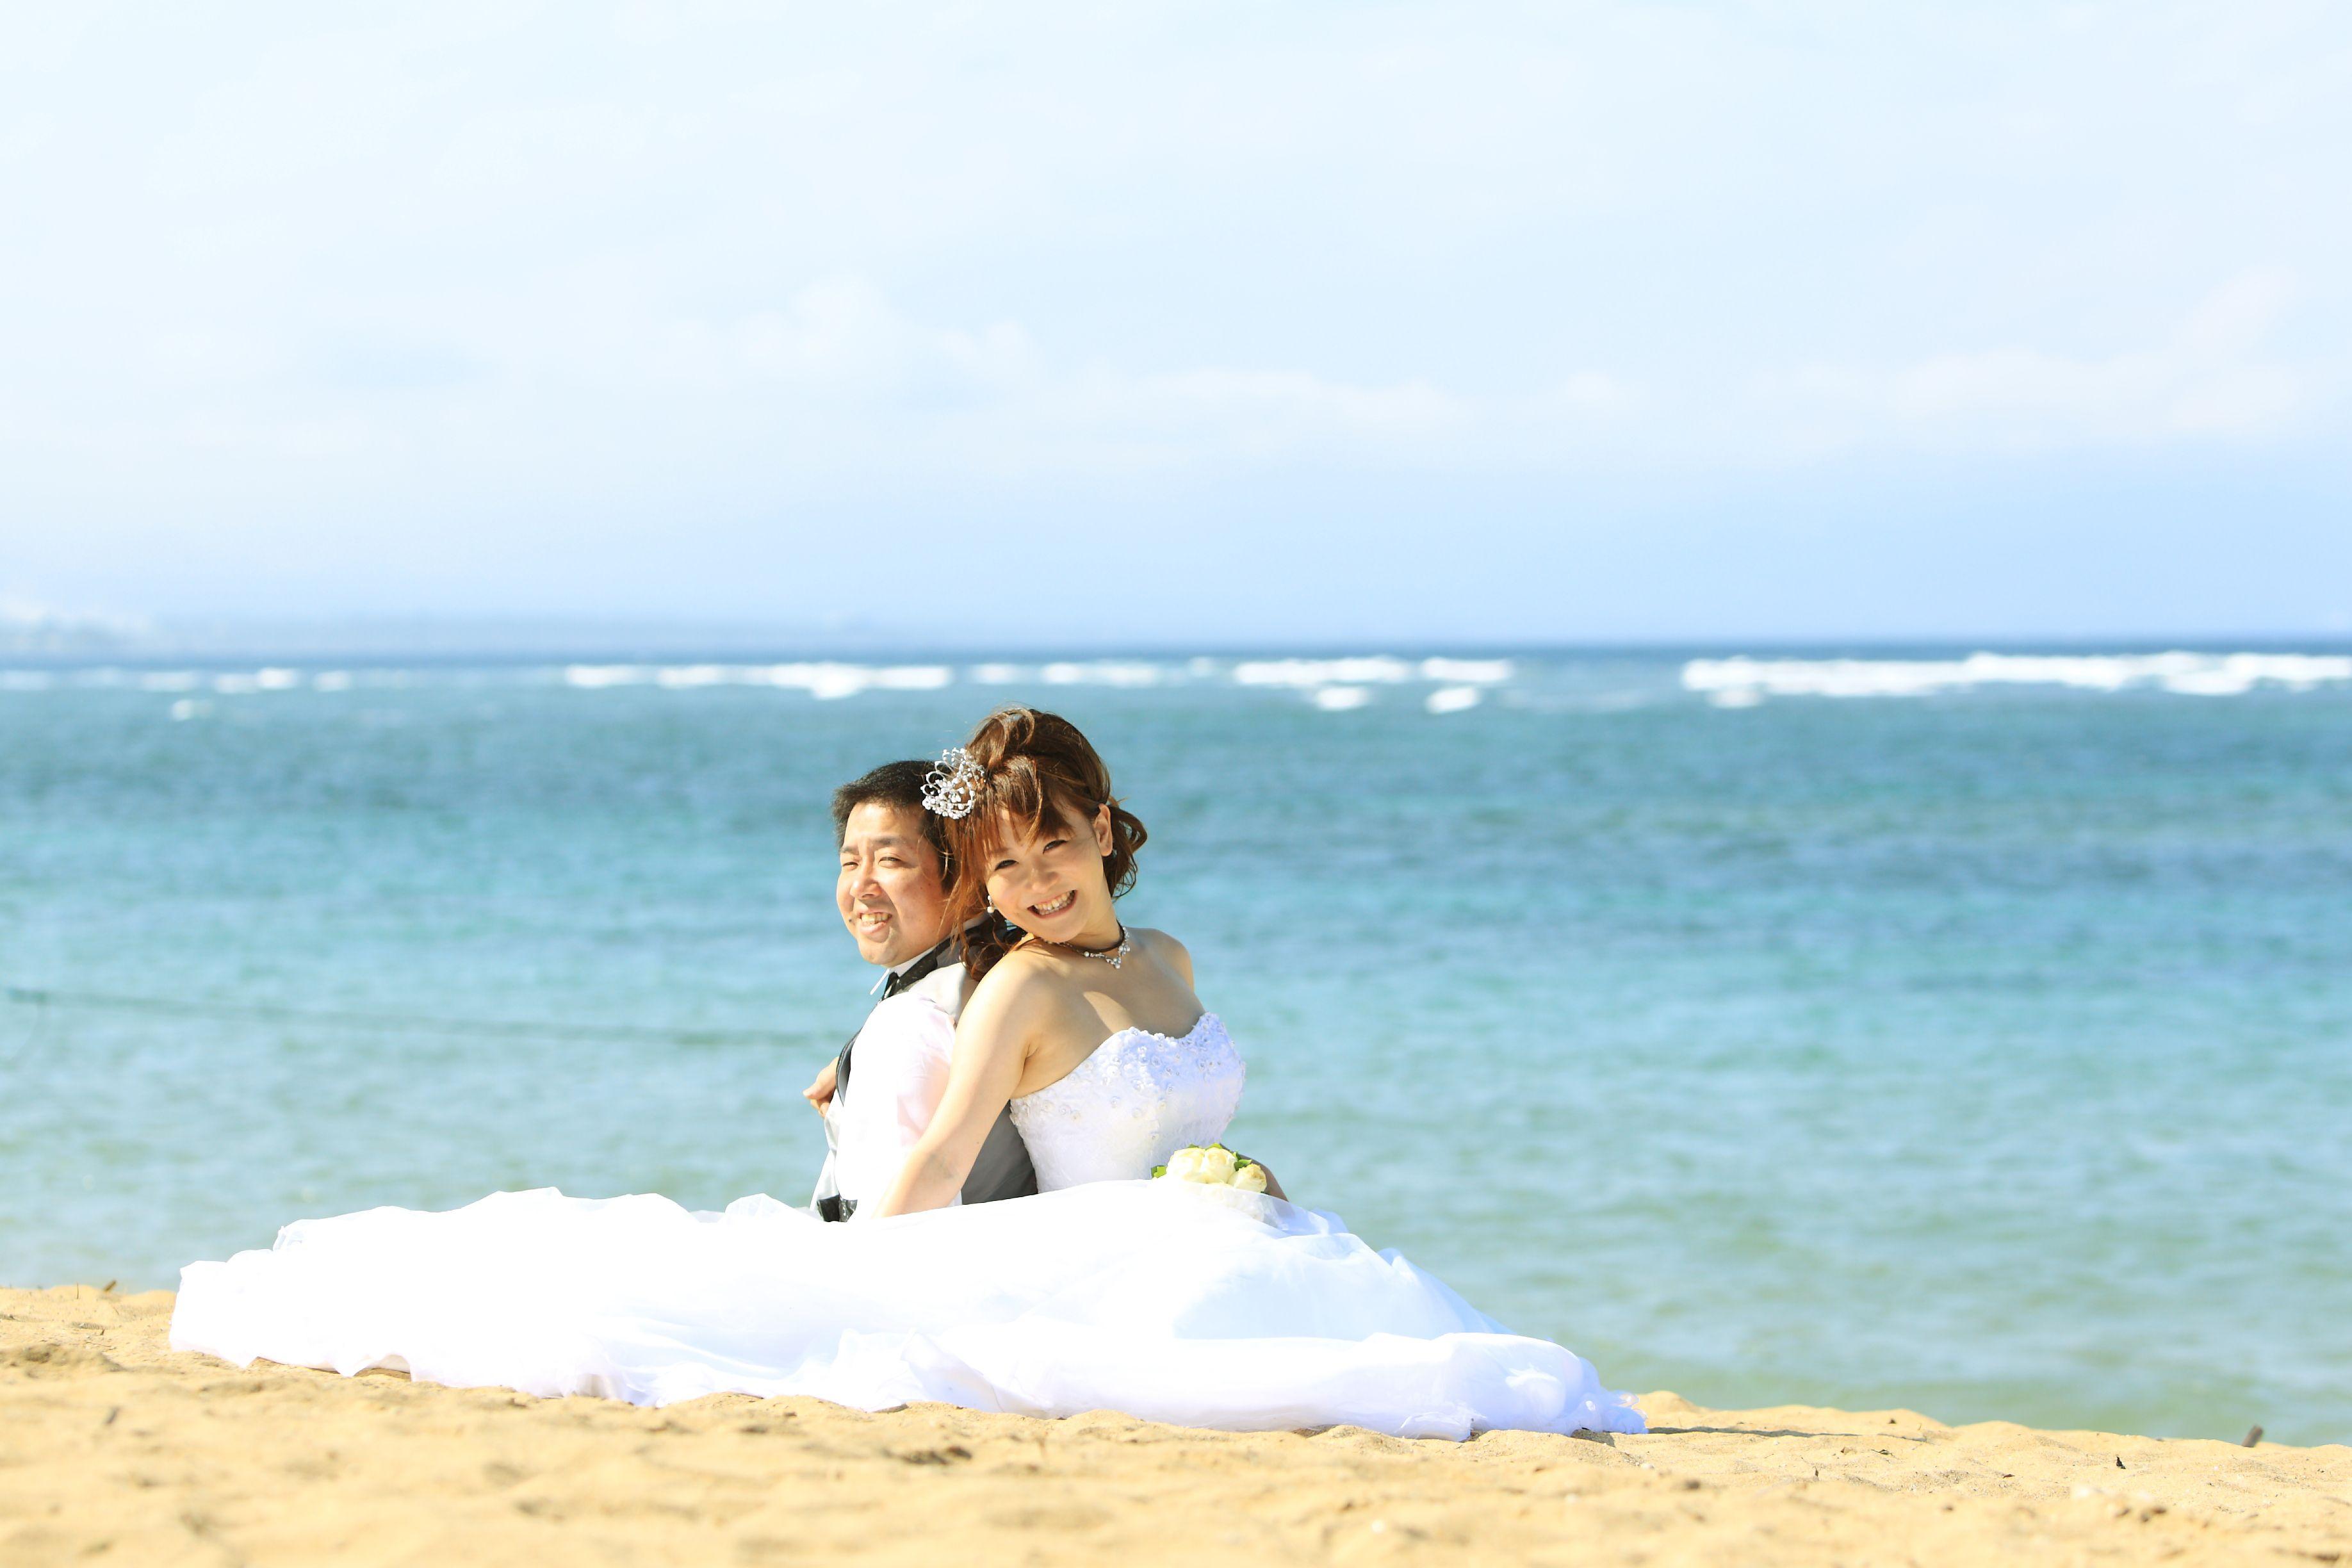 バリ島ウエディング・ロケーションフォト ~ビーチフォト編~_d0239242_1327938.jpg